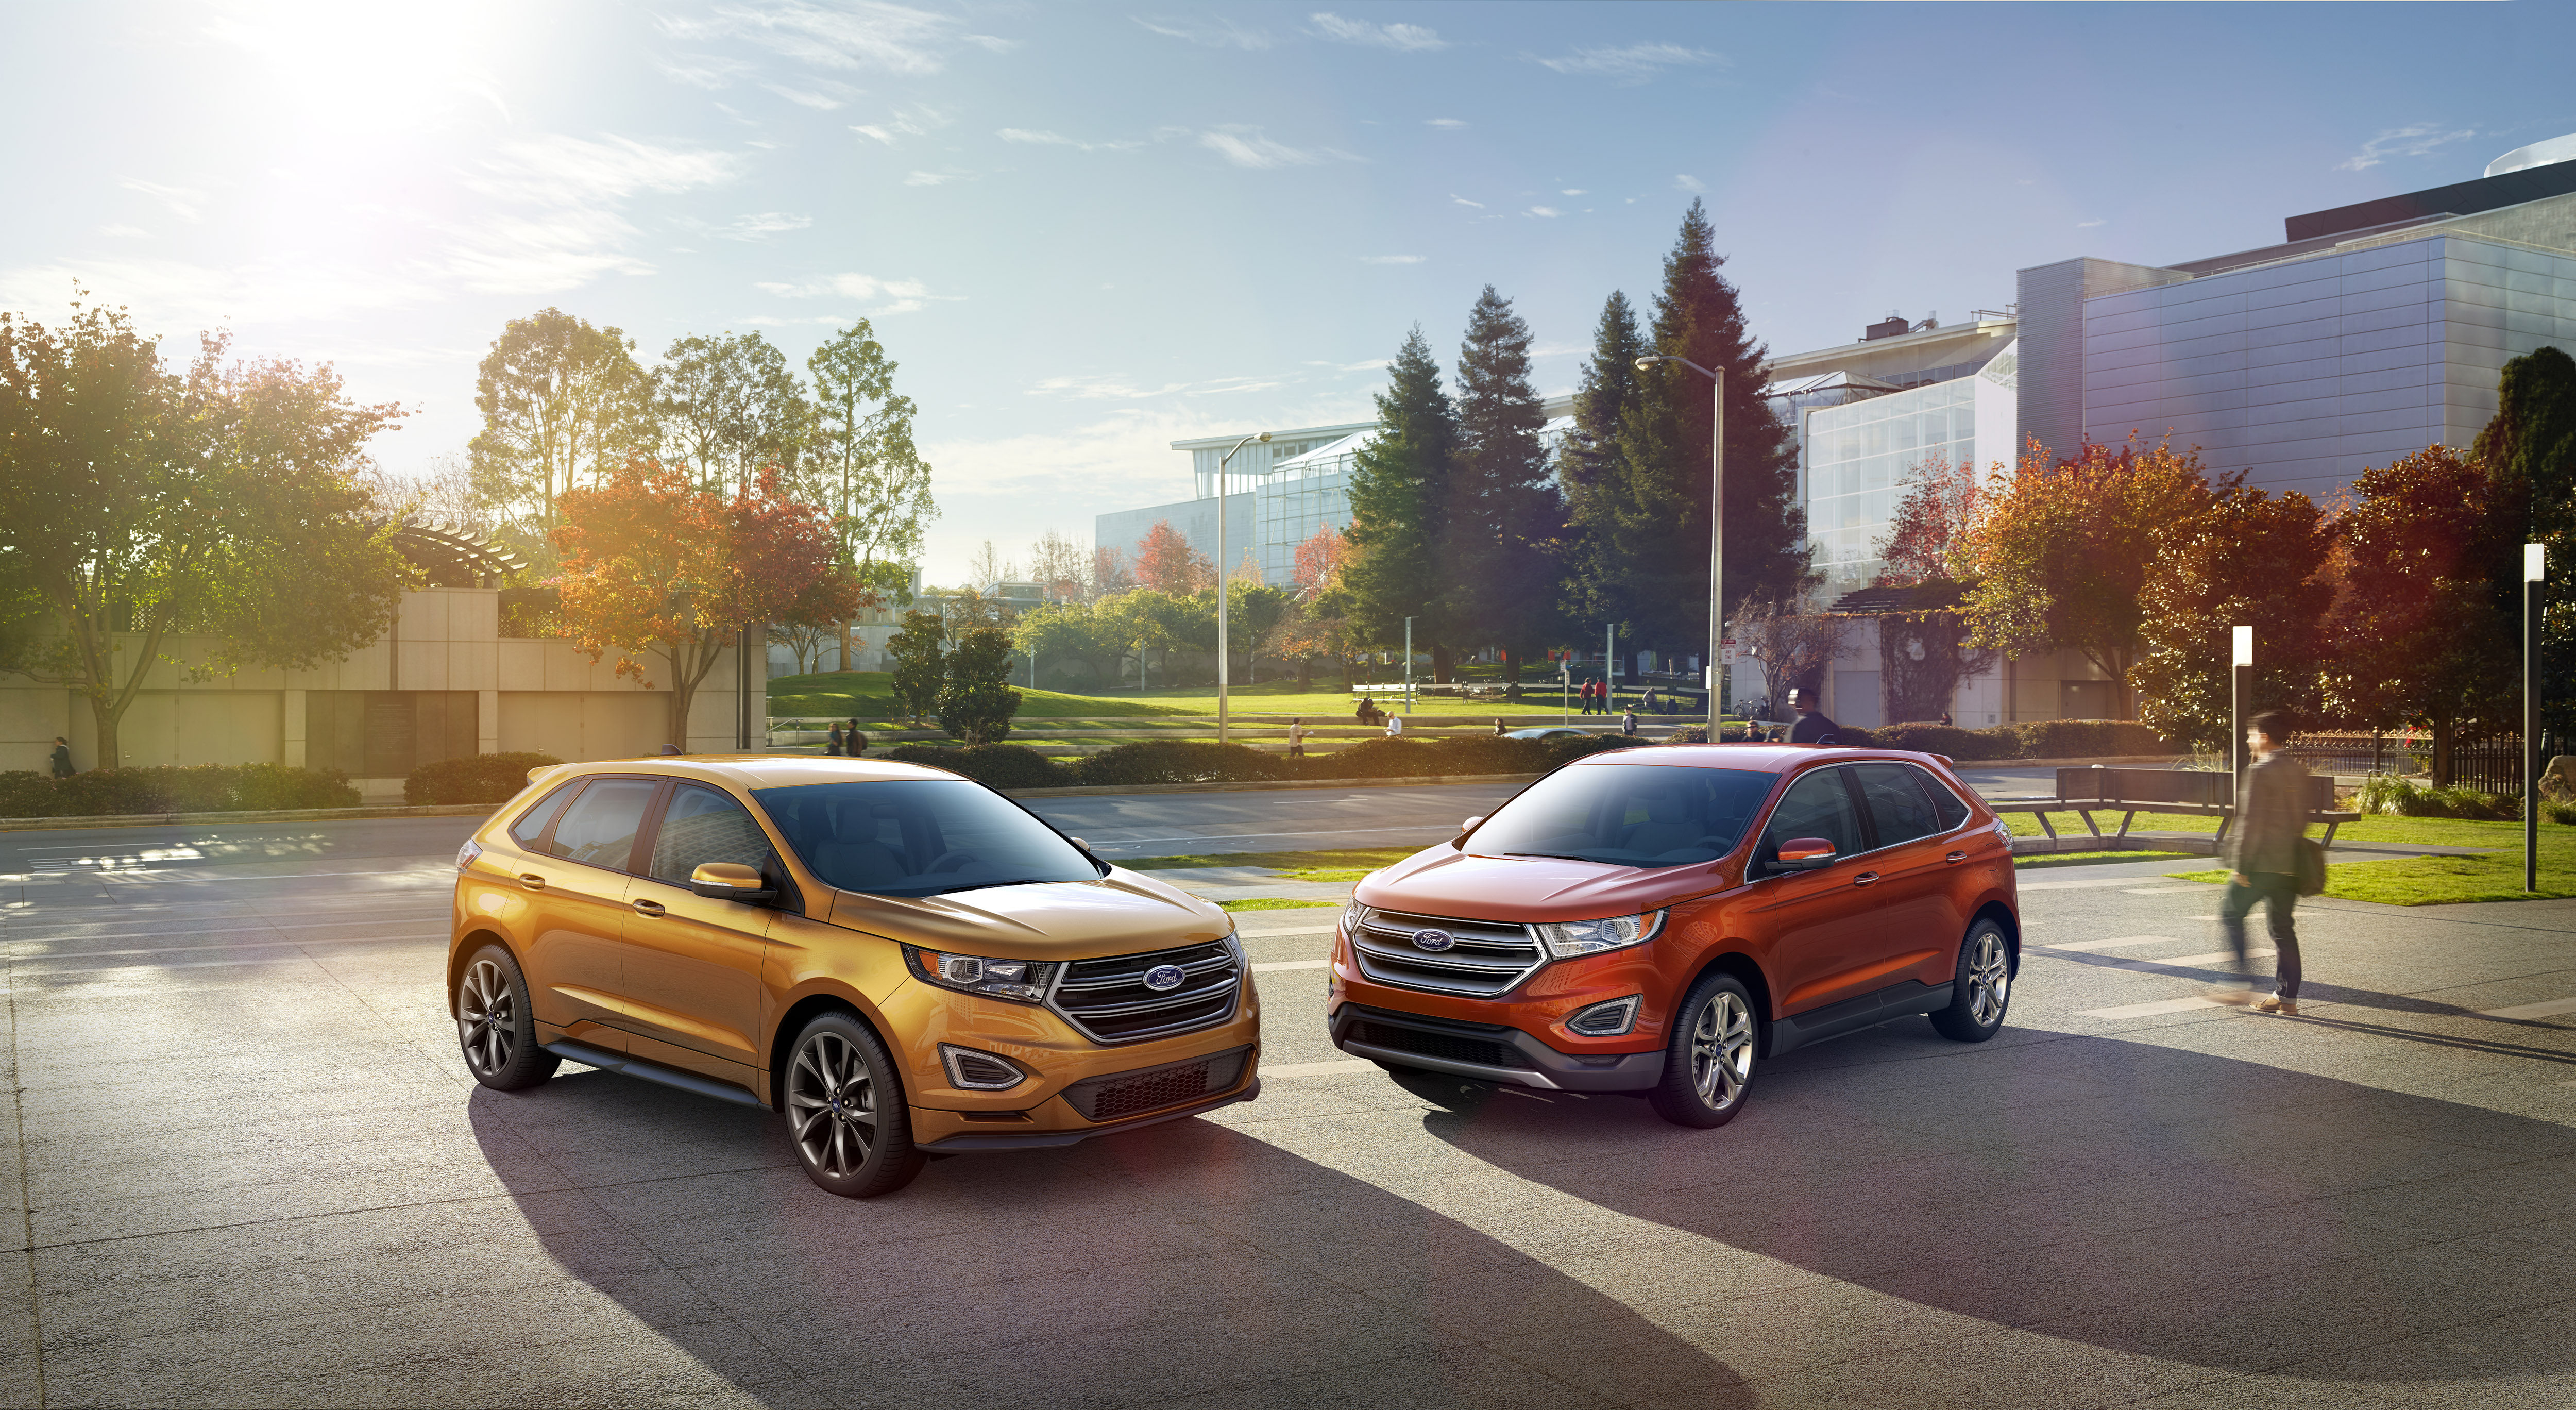 Ford Edge 2015 - Titanium Sport